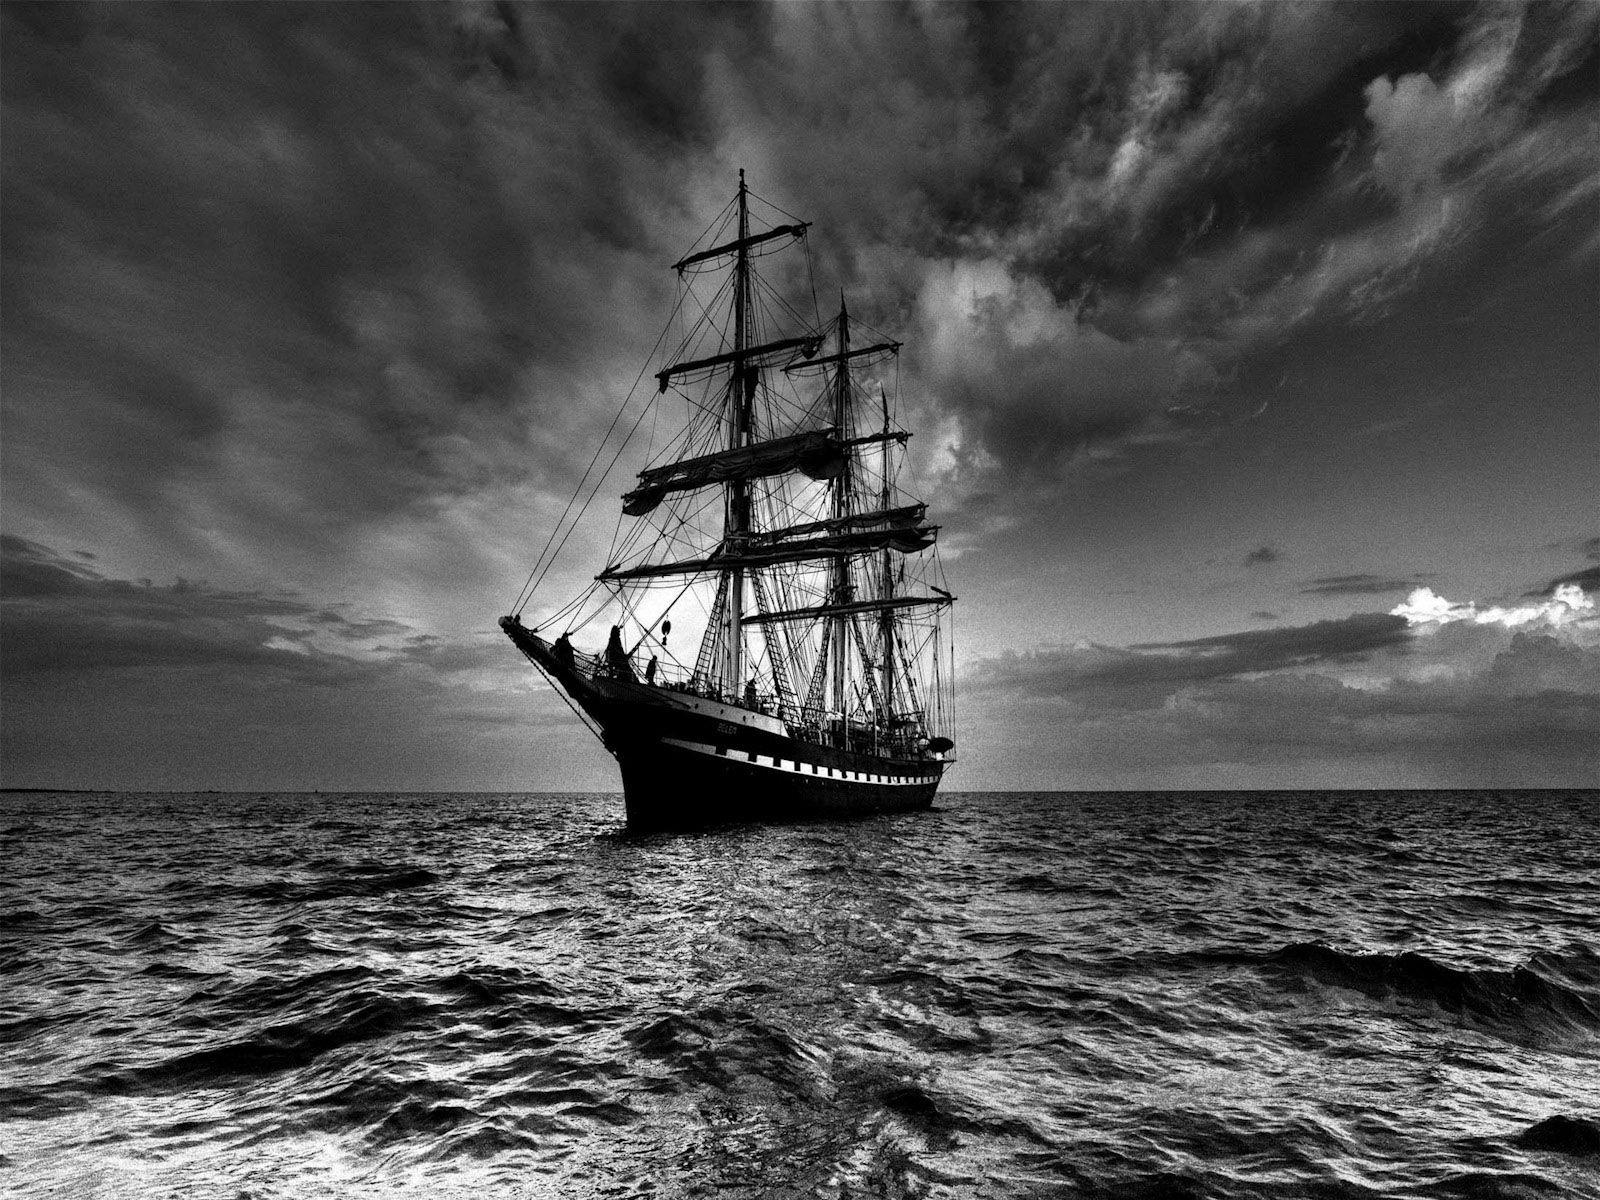 60686壁紙のダウンロード輸送する, 船, 海, 帆, 帆座, 買います, ブイ, Bw, Chb-スクリーンセーバーと写真を無料で